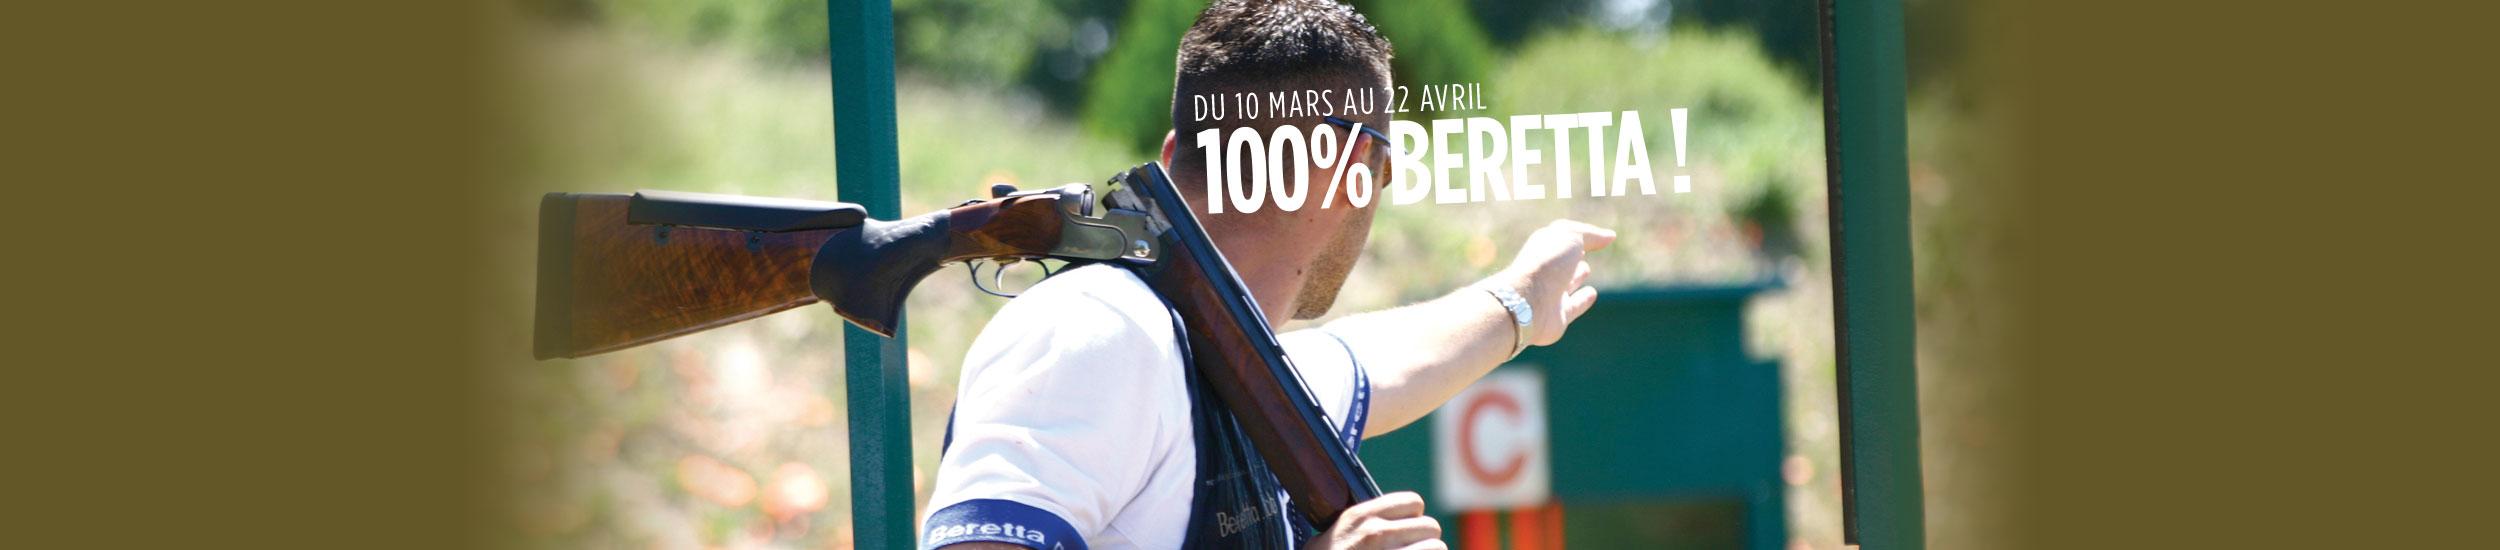 100% BERETTA !